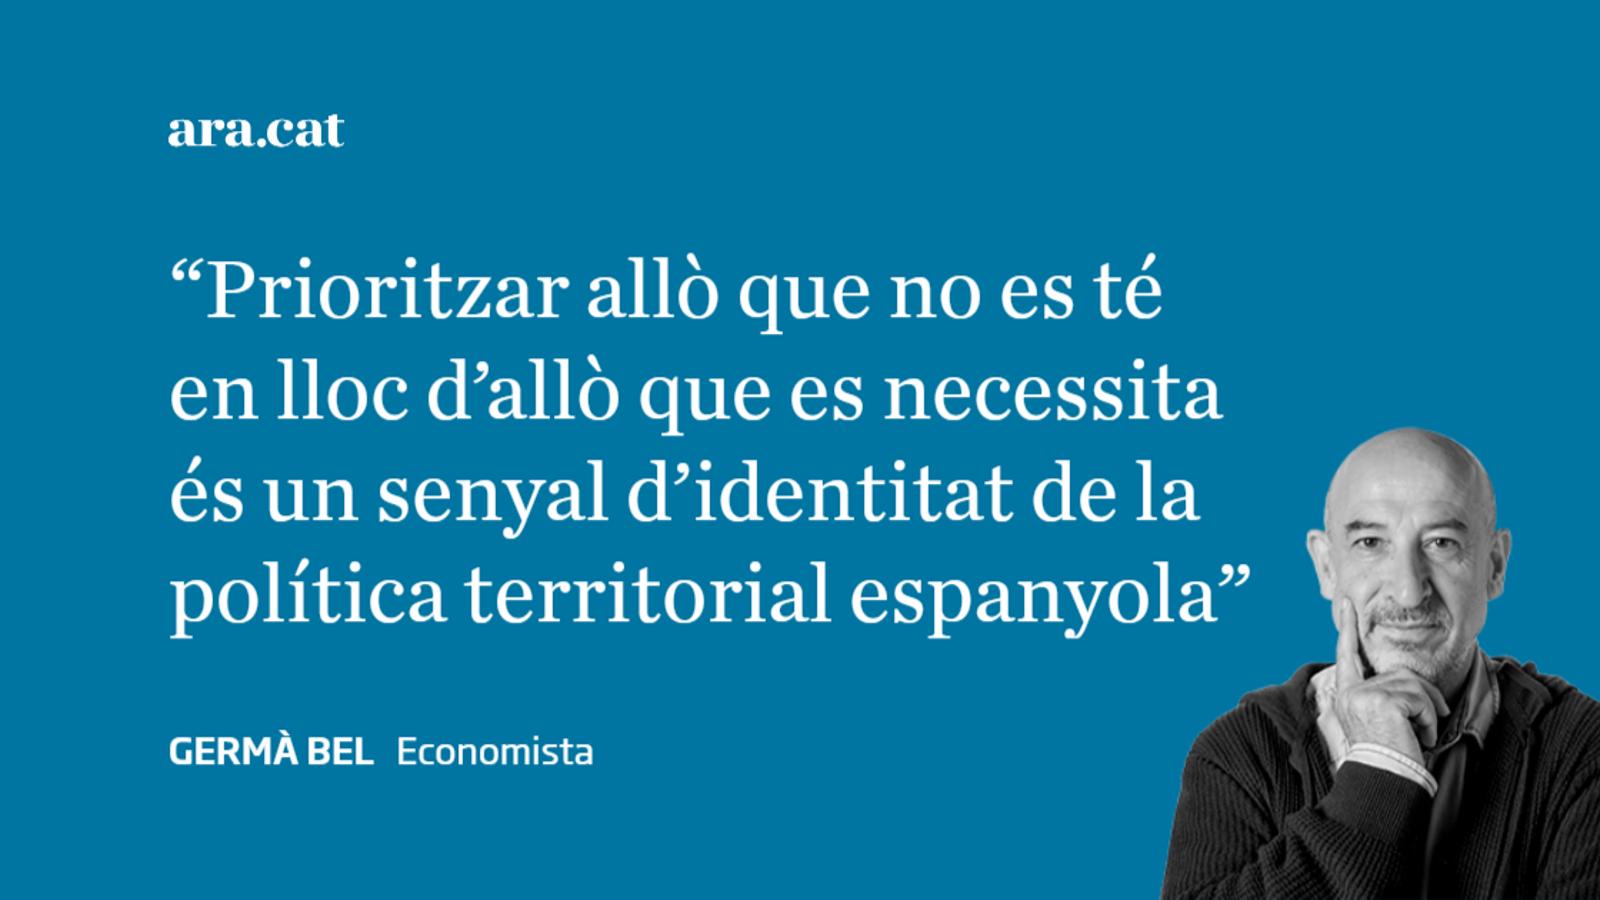 L'Espanya buidada... i Catalunya també?